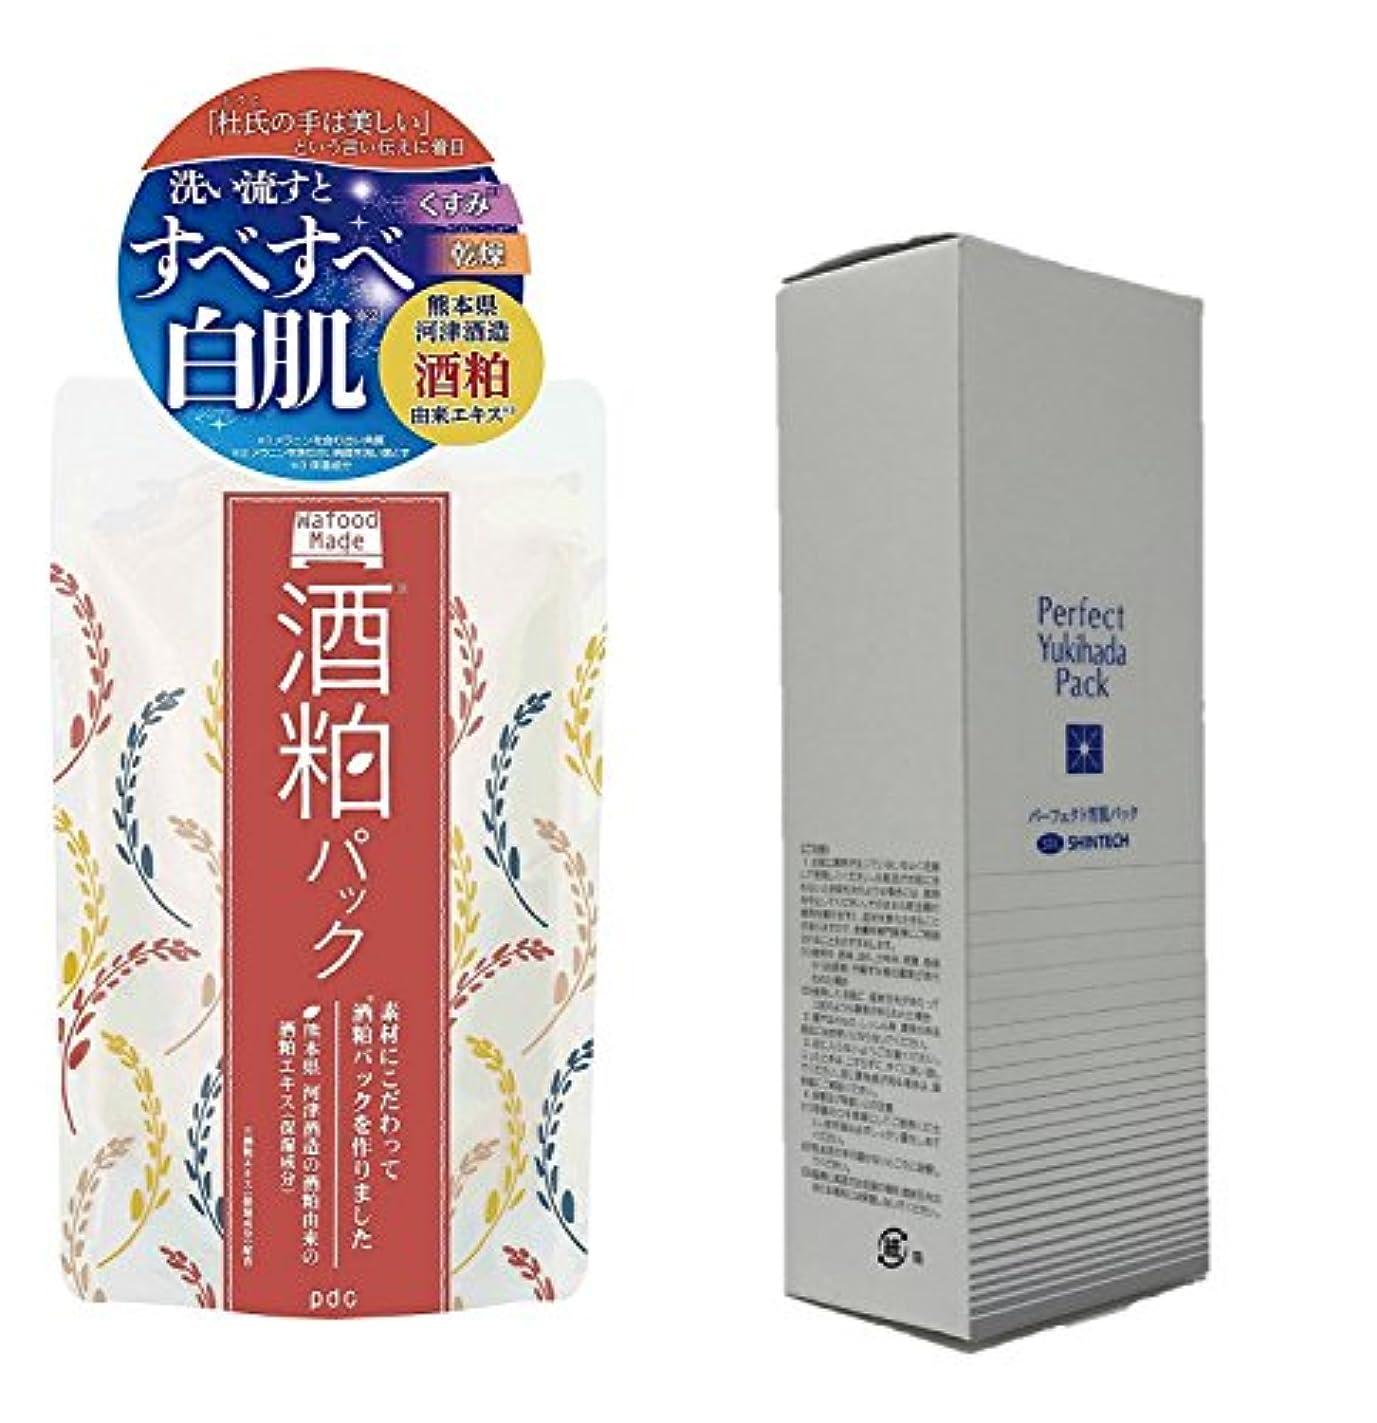 老人おもちゃおとこ(2017年日本製新商品)(pdcとSHINTECH)ワフードメイド 酒粕パック 170g と パーフェクト雪肌フェイスパック 130g 日本製(お買2個セット)